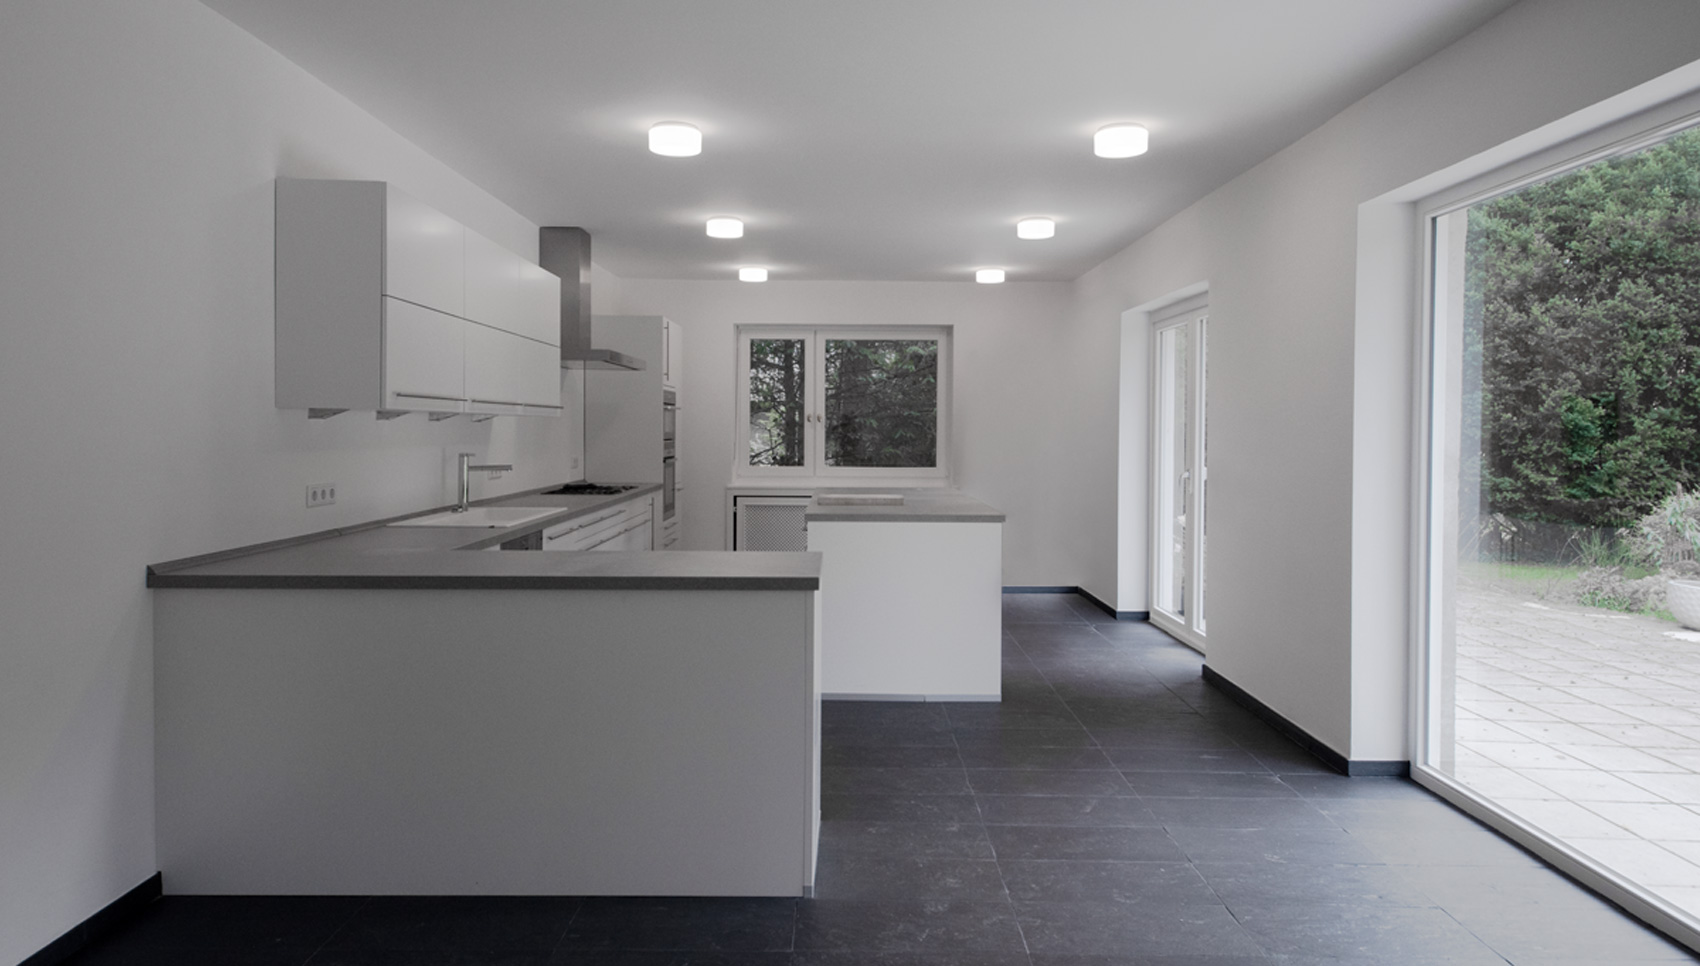 Haus Axenfeld Modernisierung in Bonn